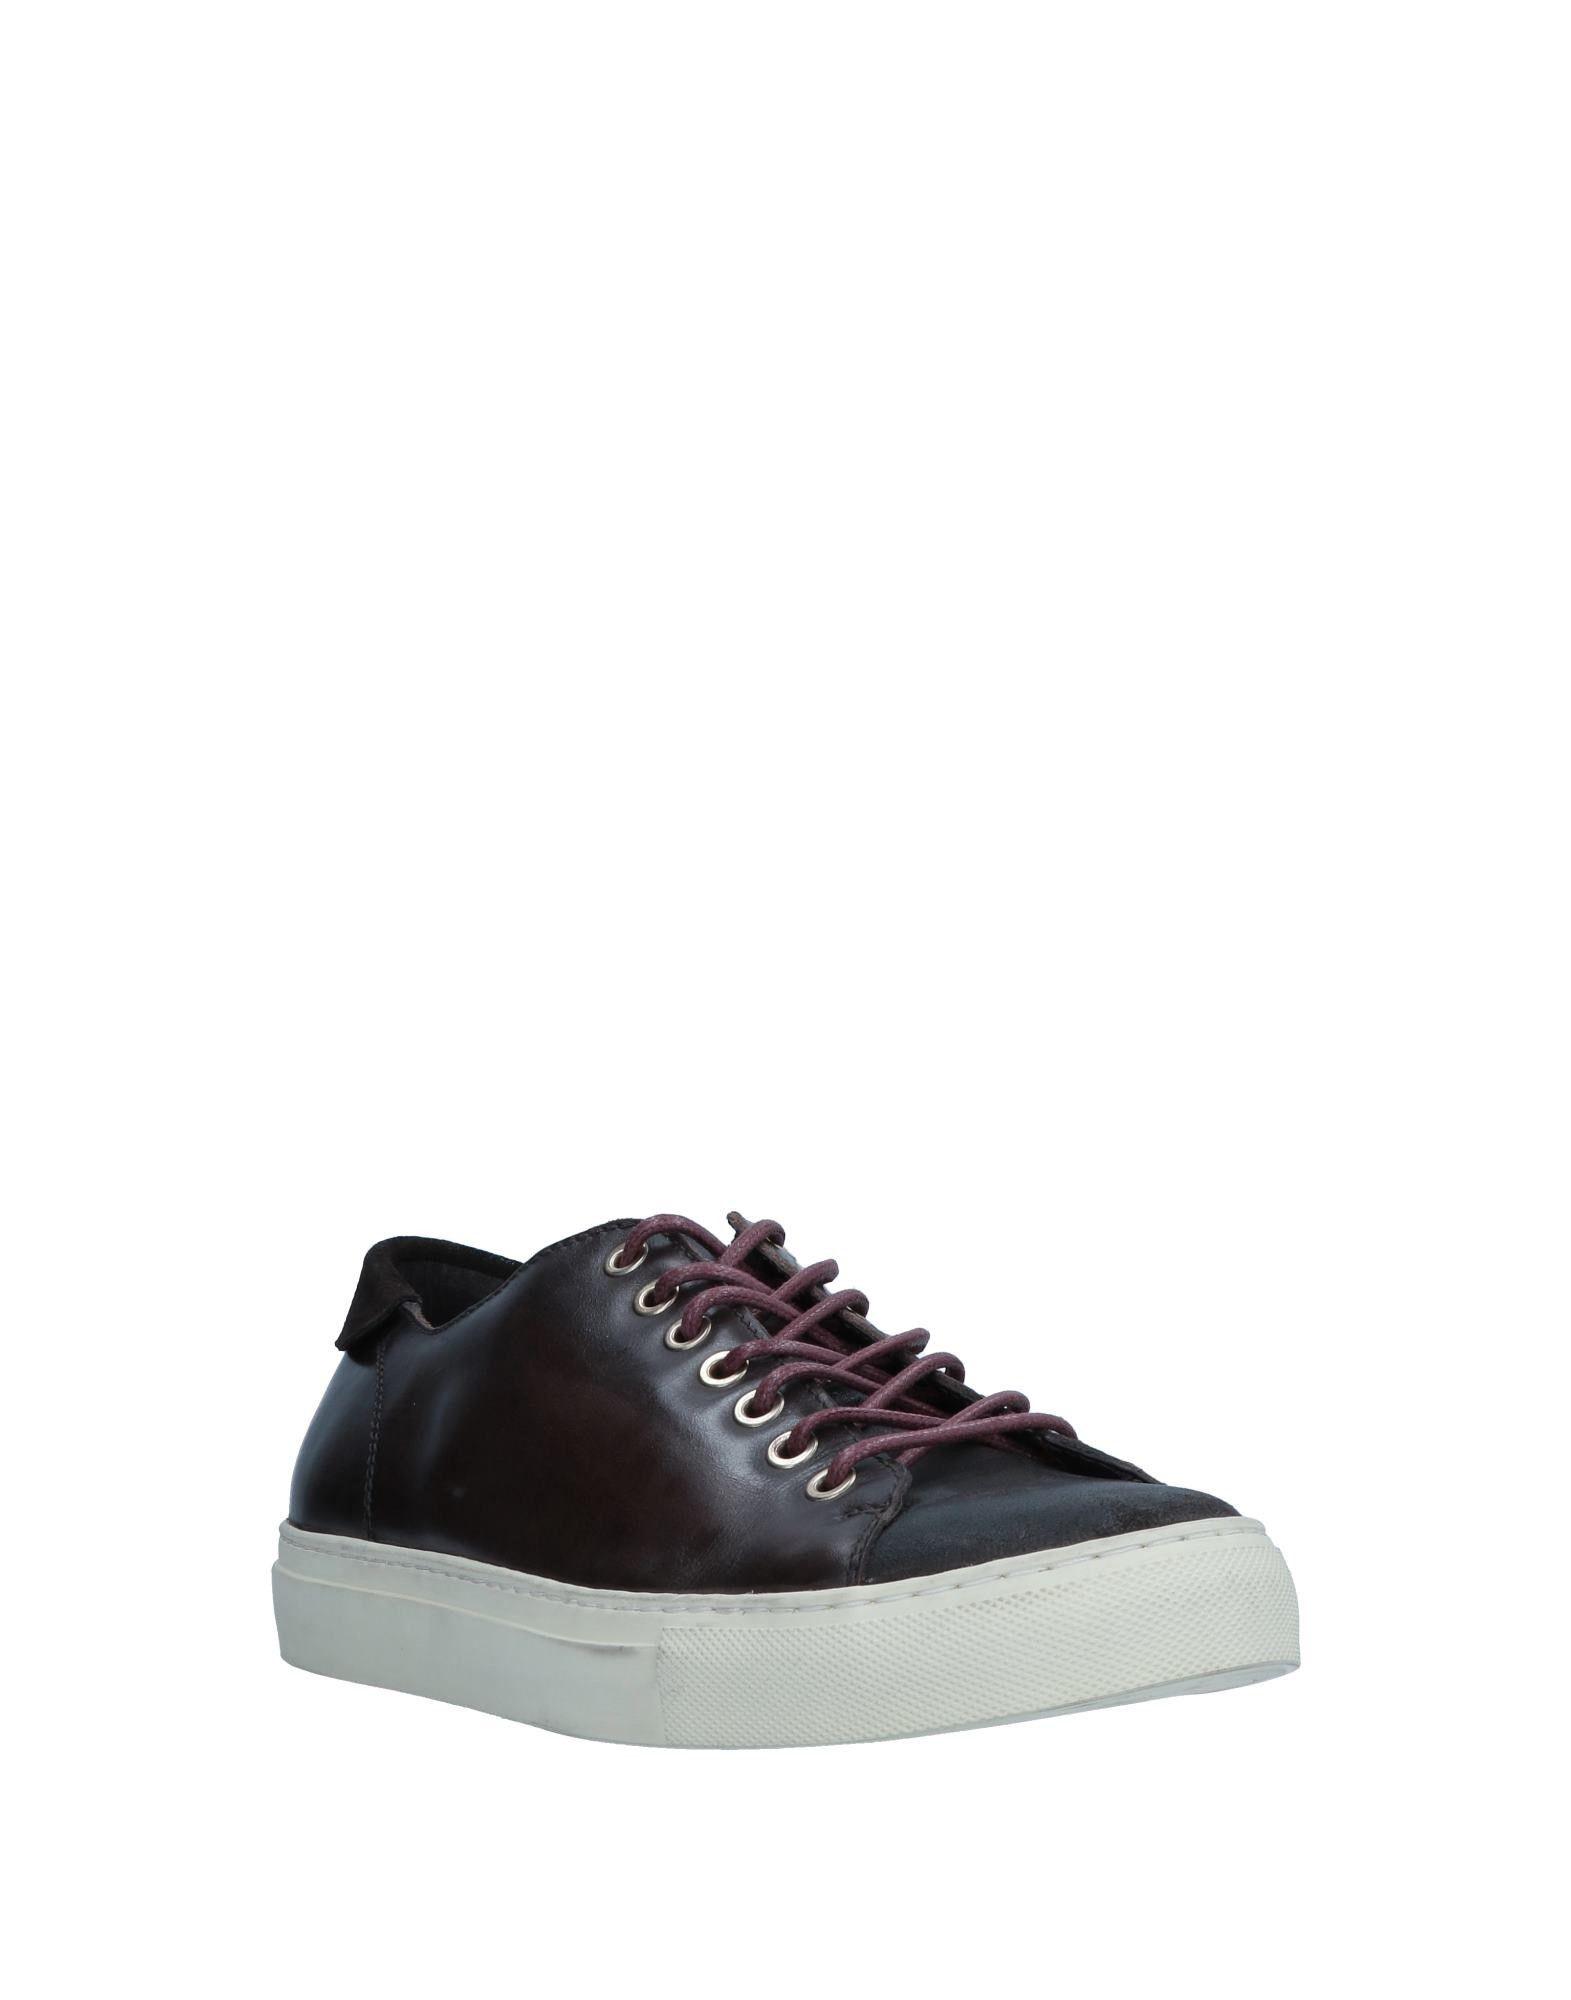 Rabatt echte  Schuhe Dama Sneakers Herren  echte 11545955WI d8ff82